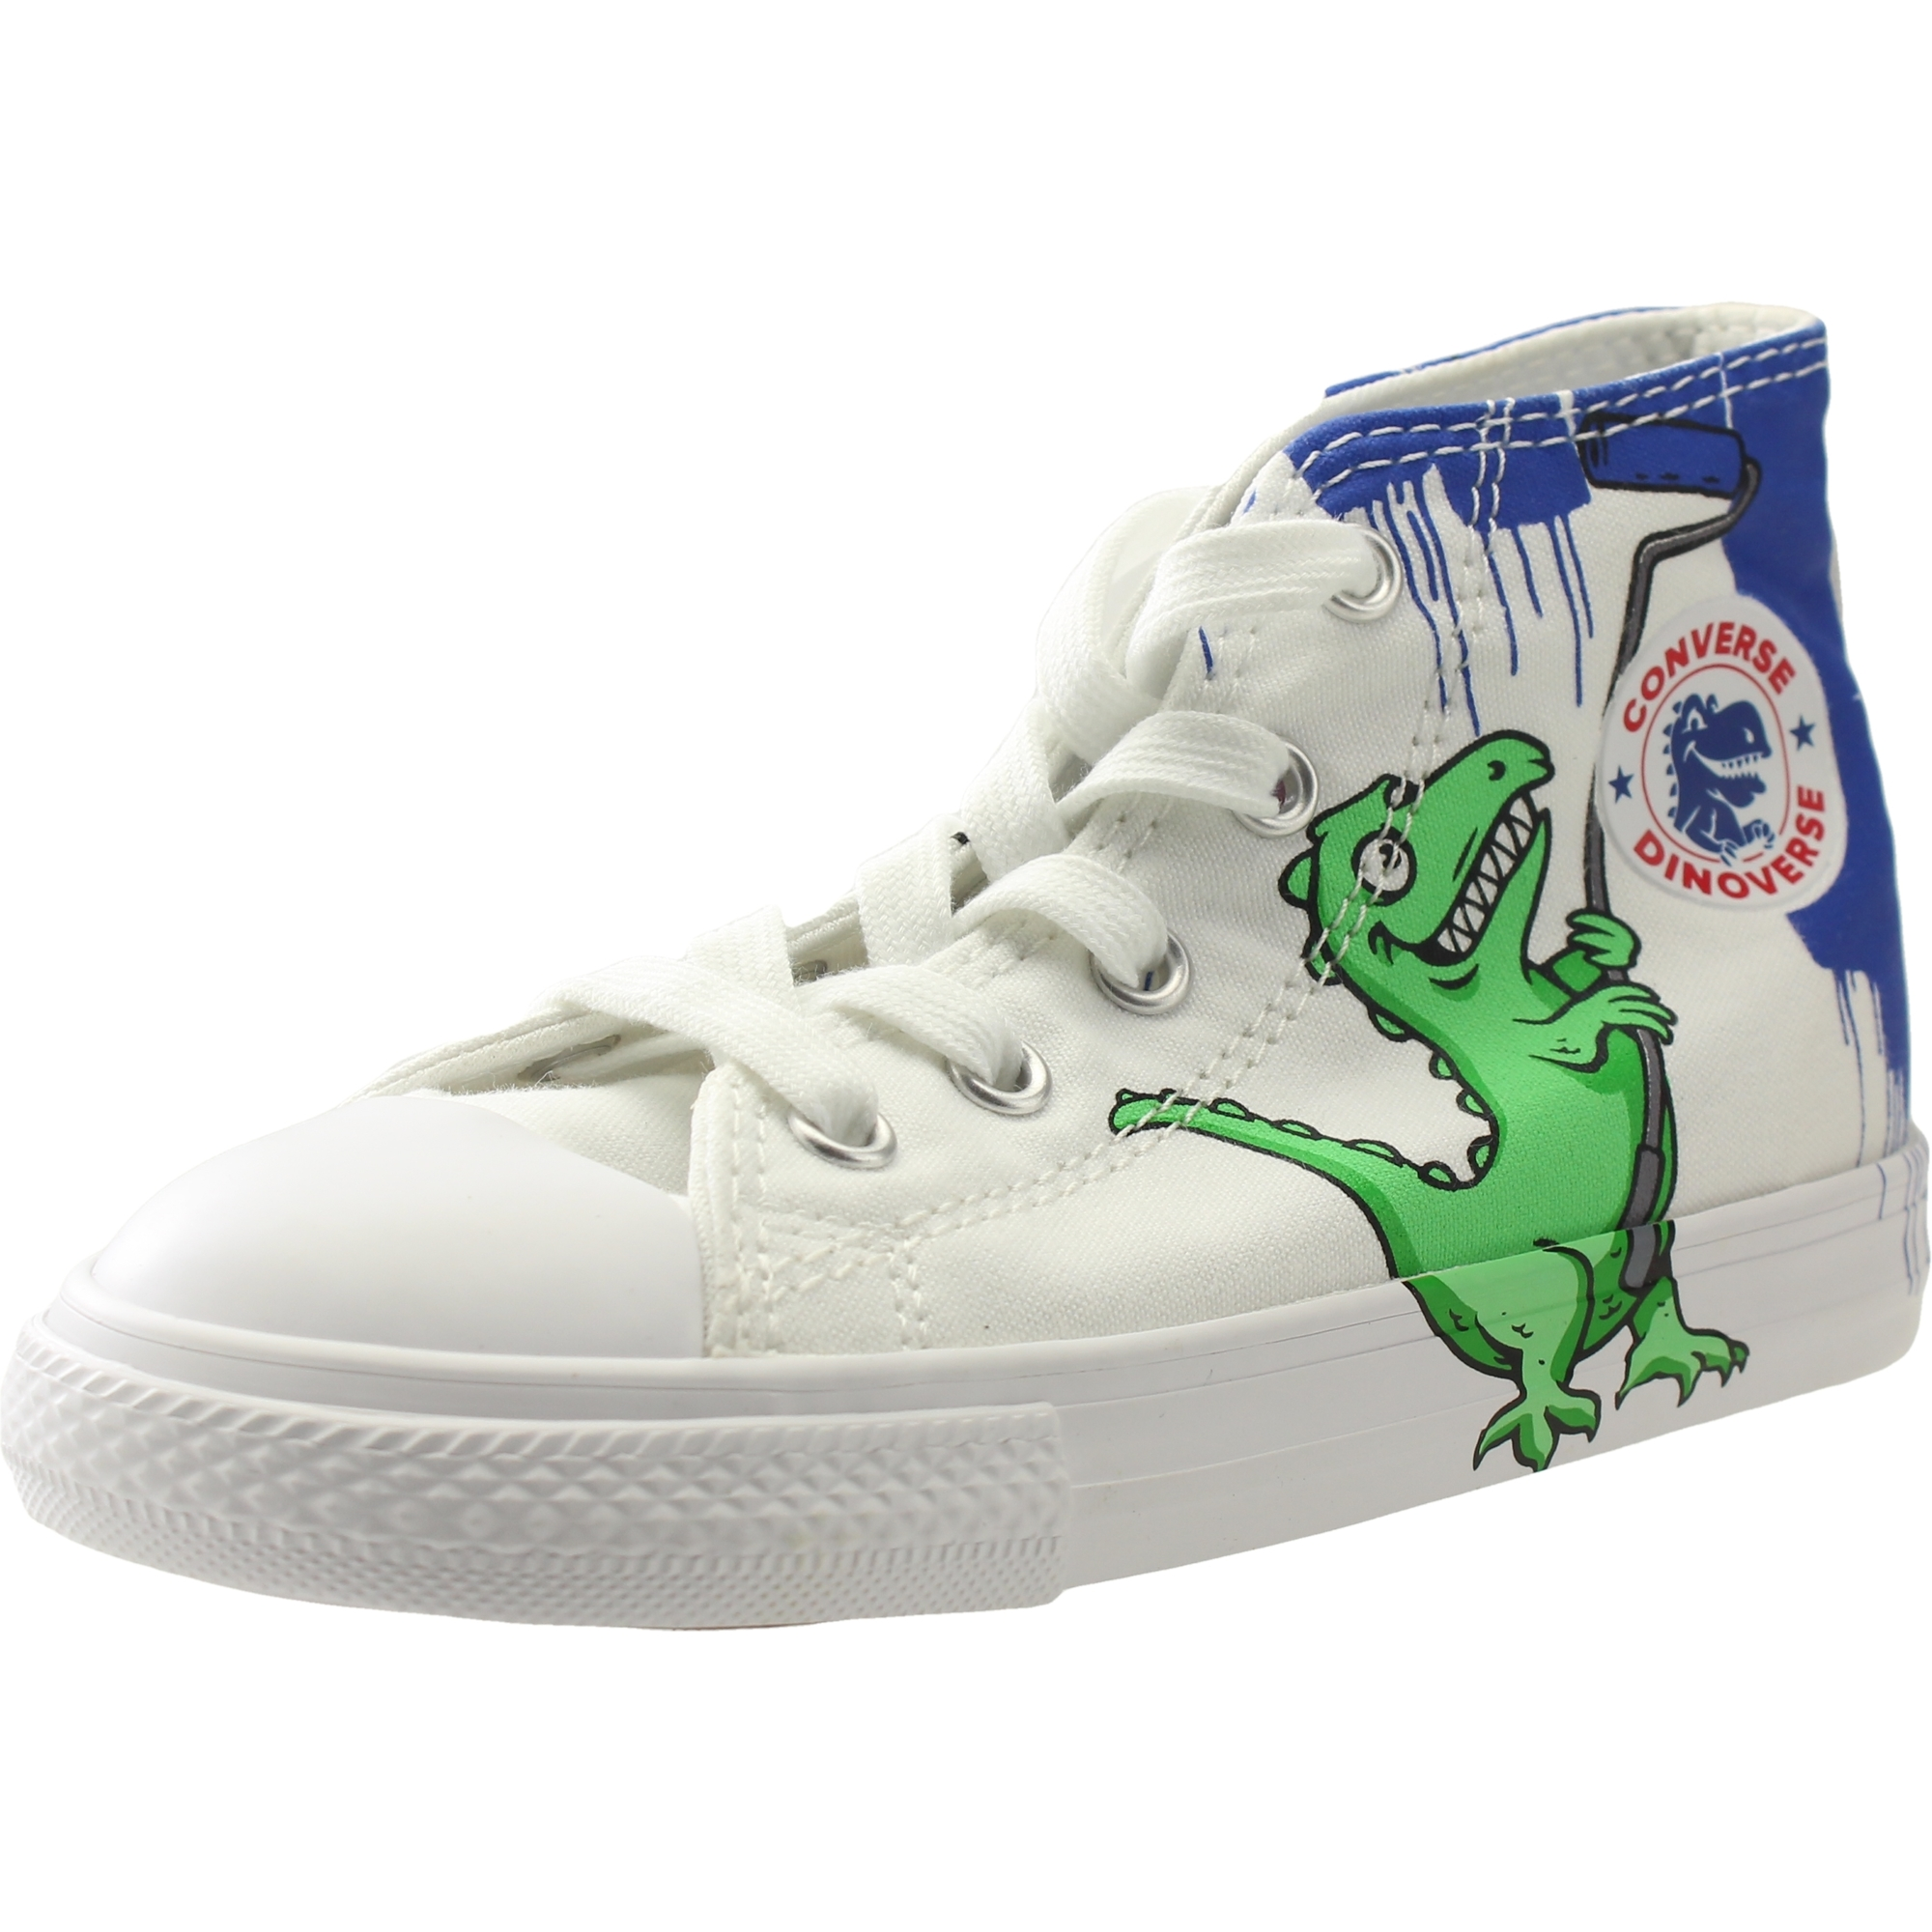 converse all star hi bambino sneaker